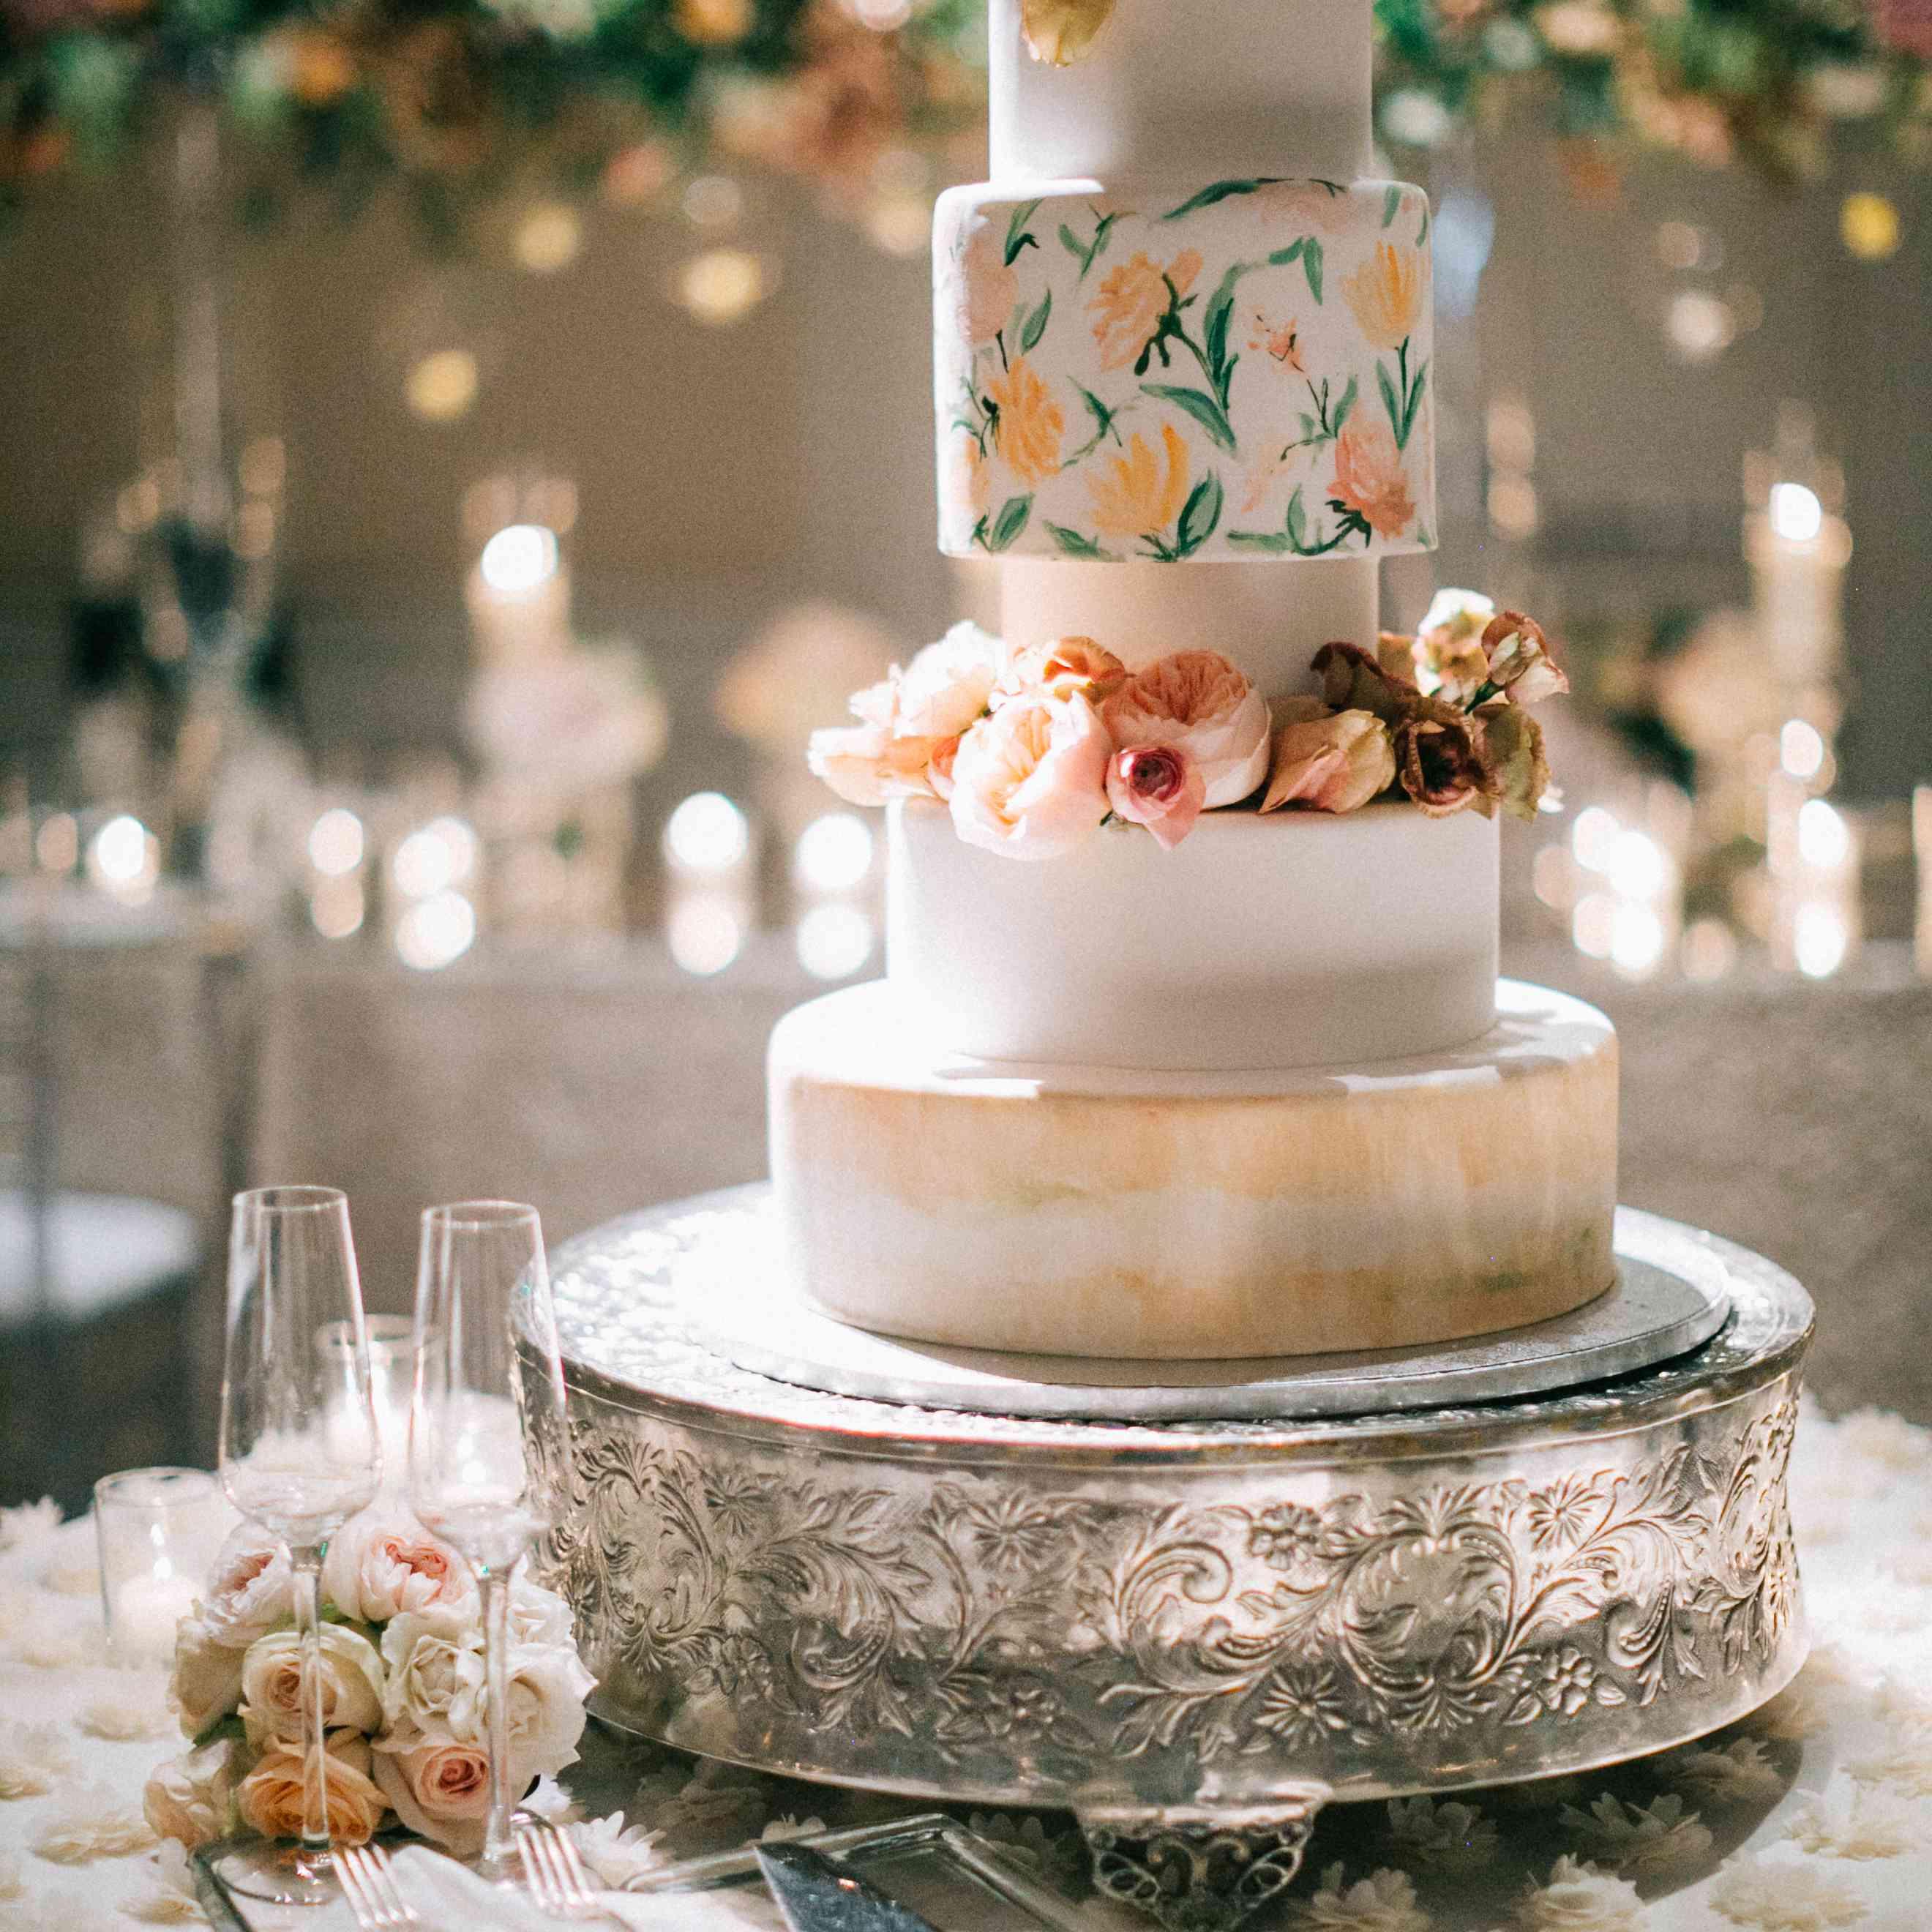 A five-tier watercolor wedding cake